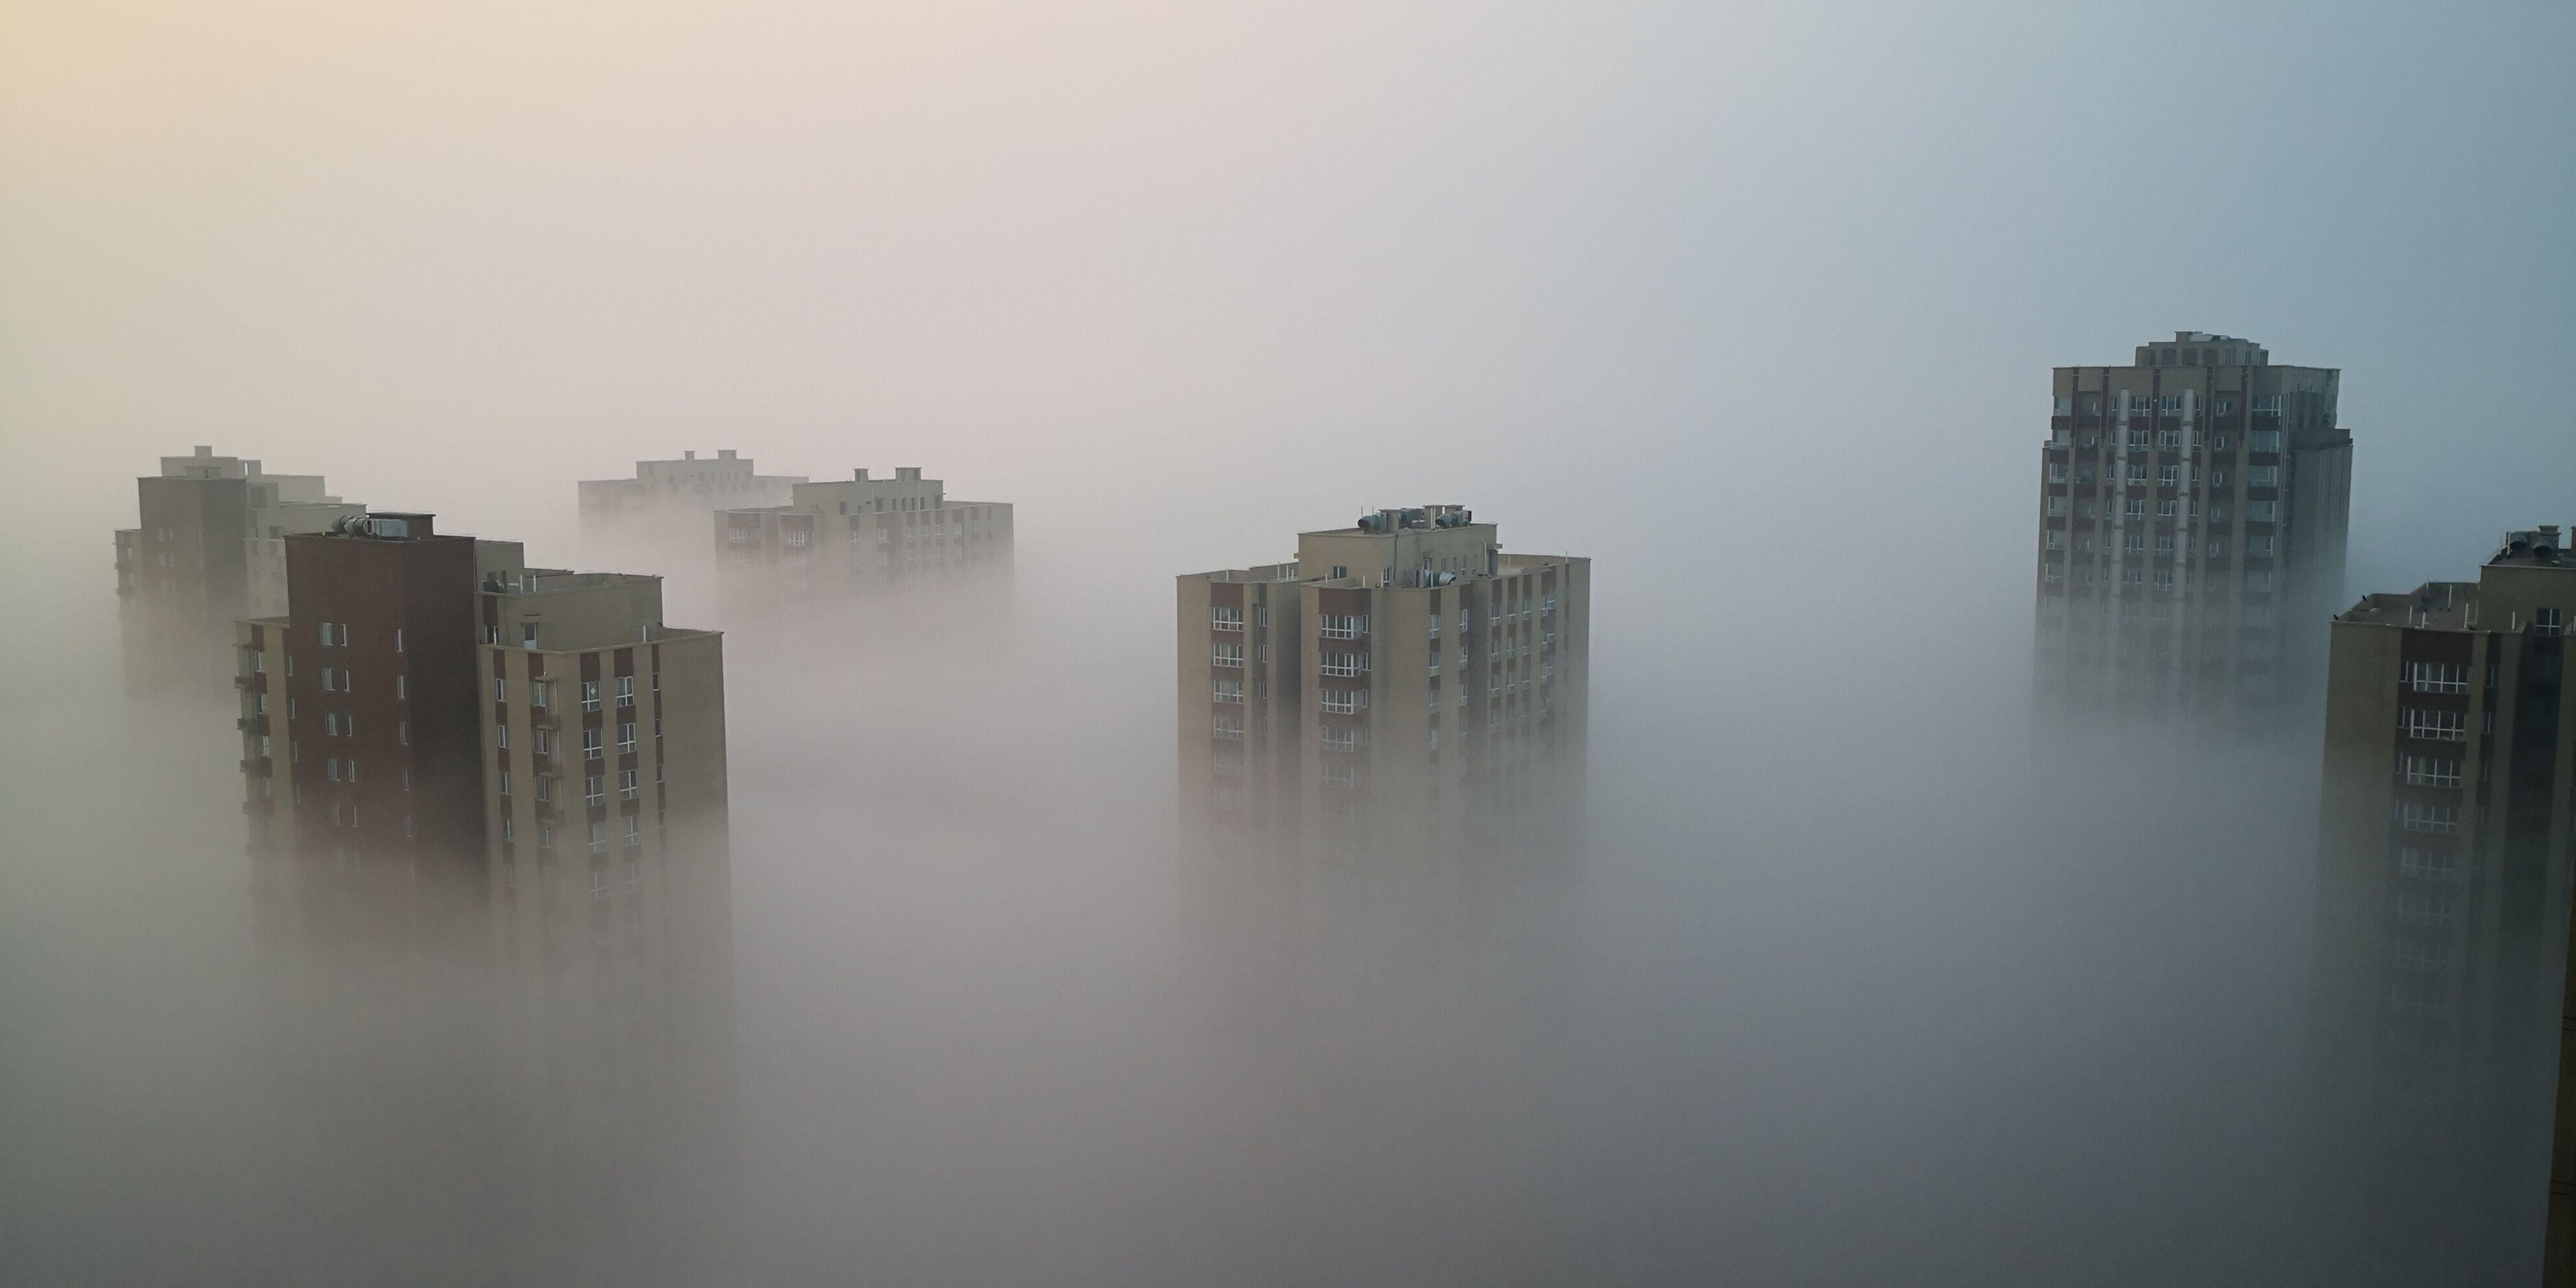 今晨 鄂尔多斯大雾锁城!